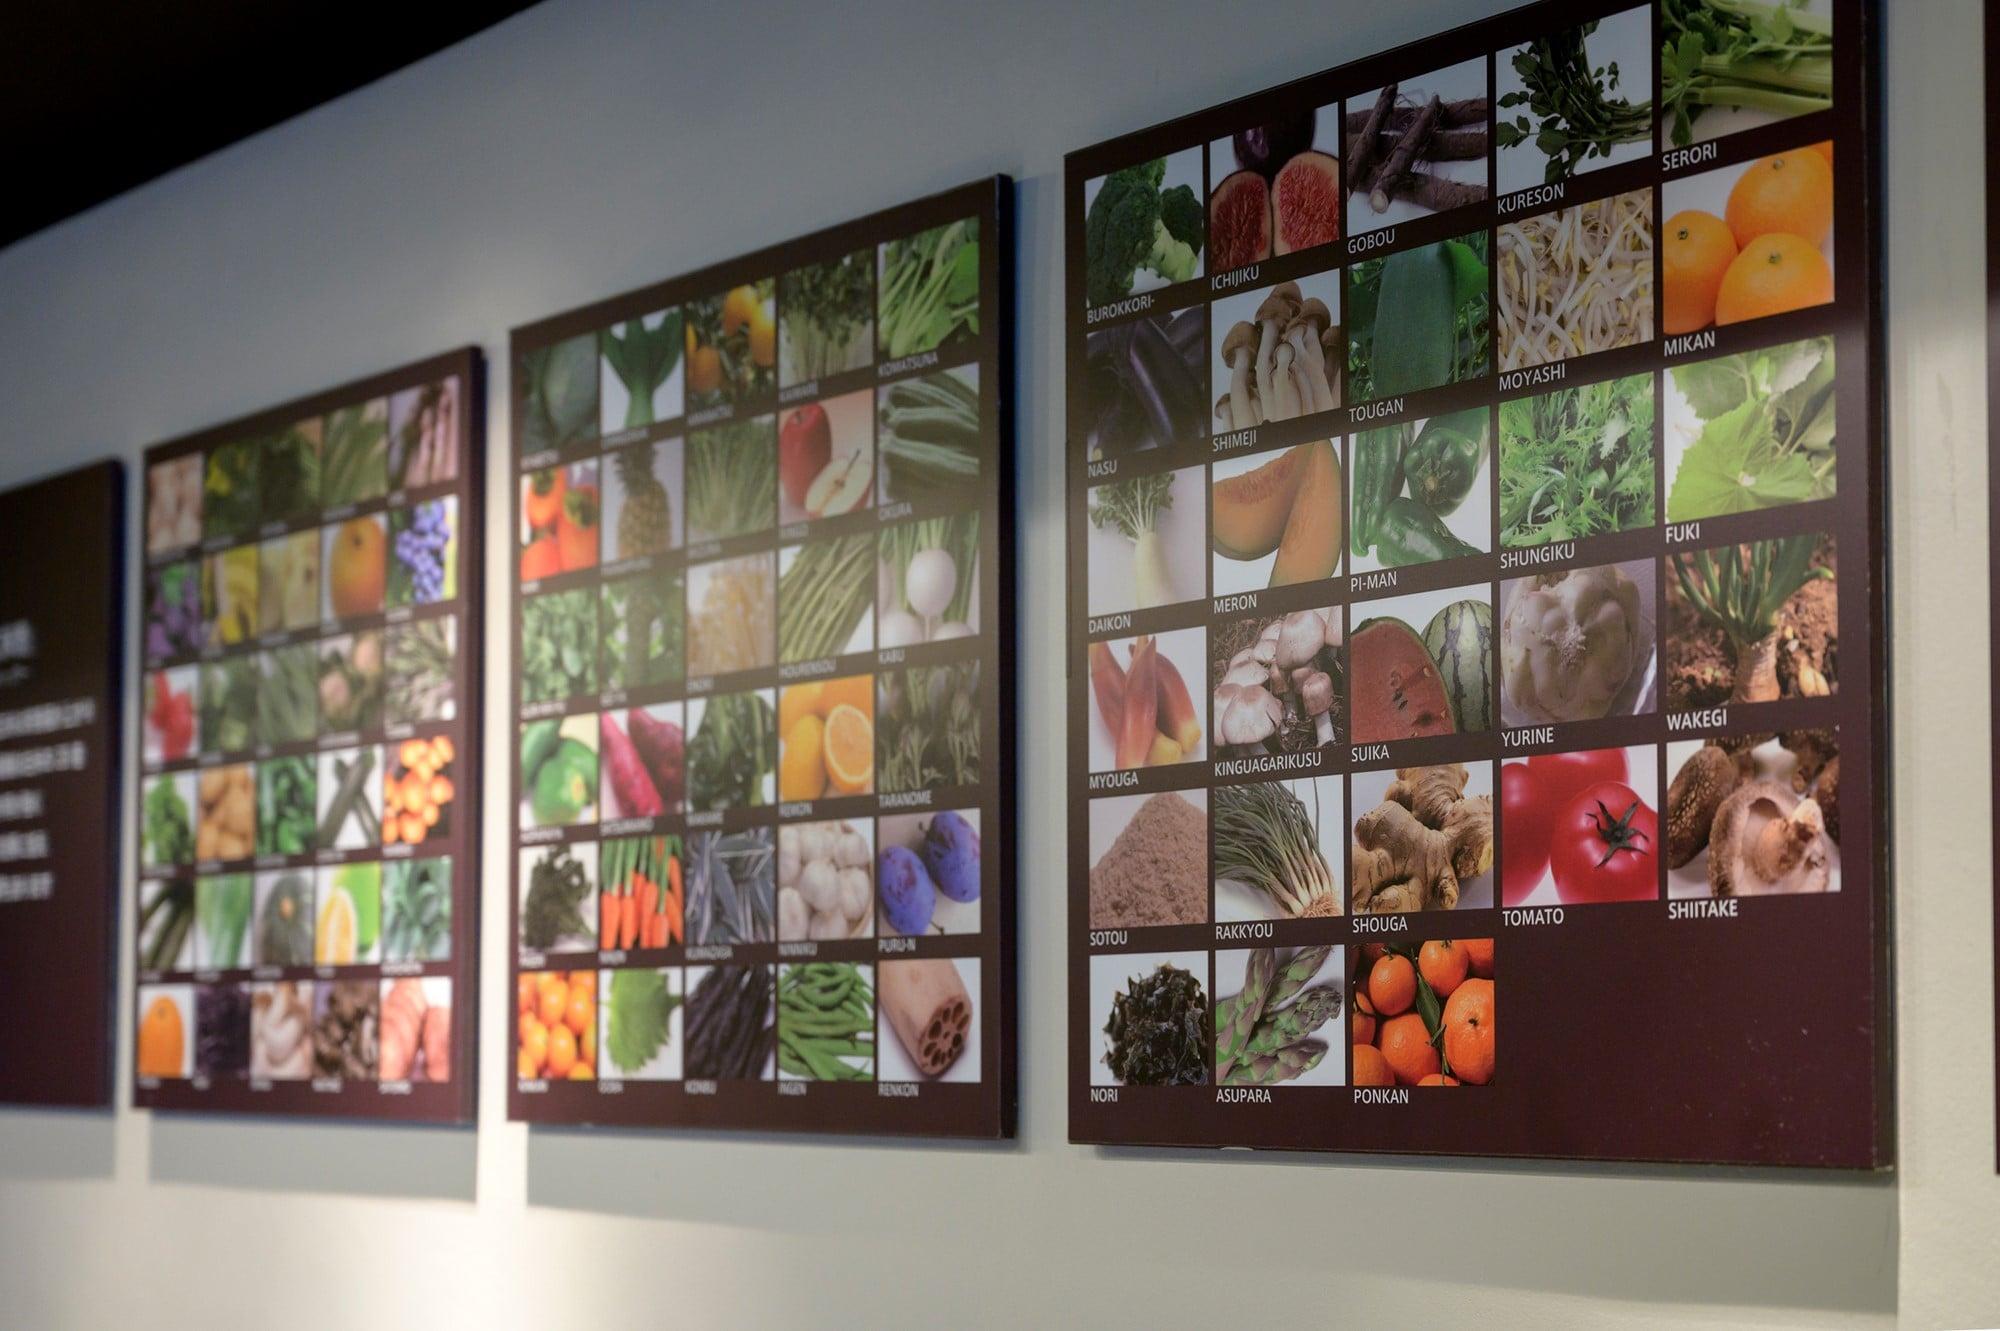 壁面にはさまざまなメニューに使われている70種類以上の野菜や果物をパネルで展示。